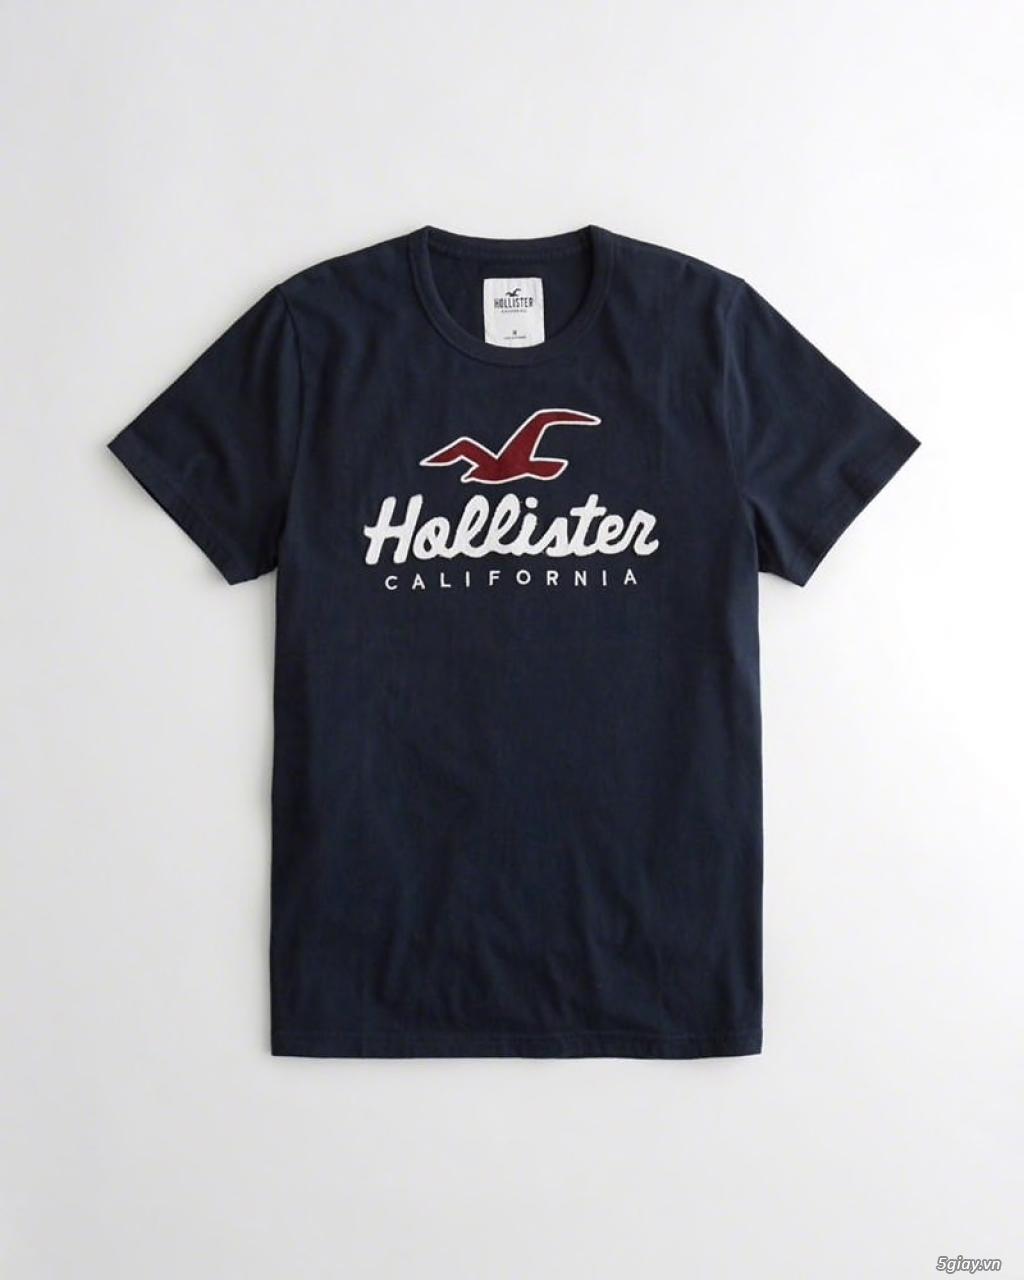 HCO shop chuyên hàng Hollister Abercrombie xách tay US chính hãng - 1